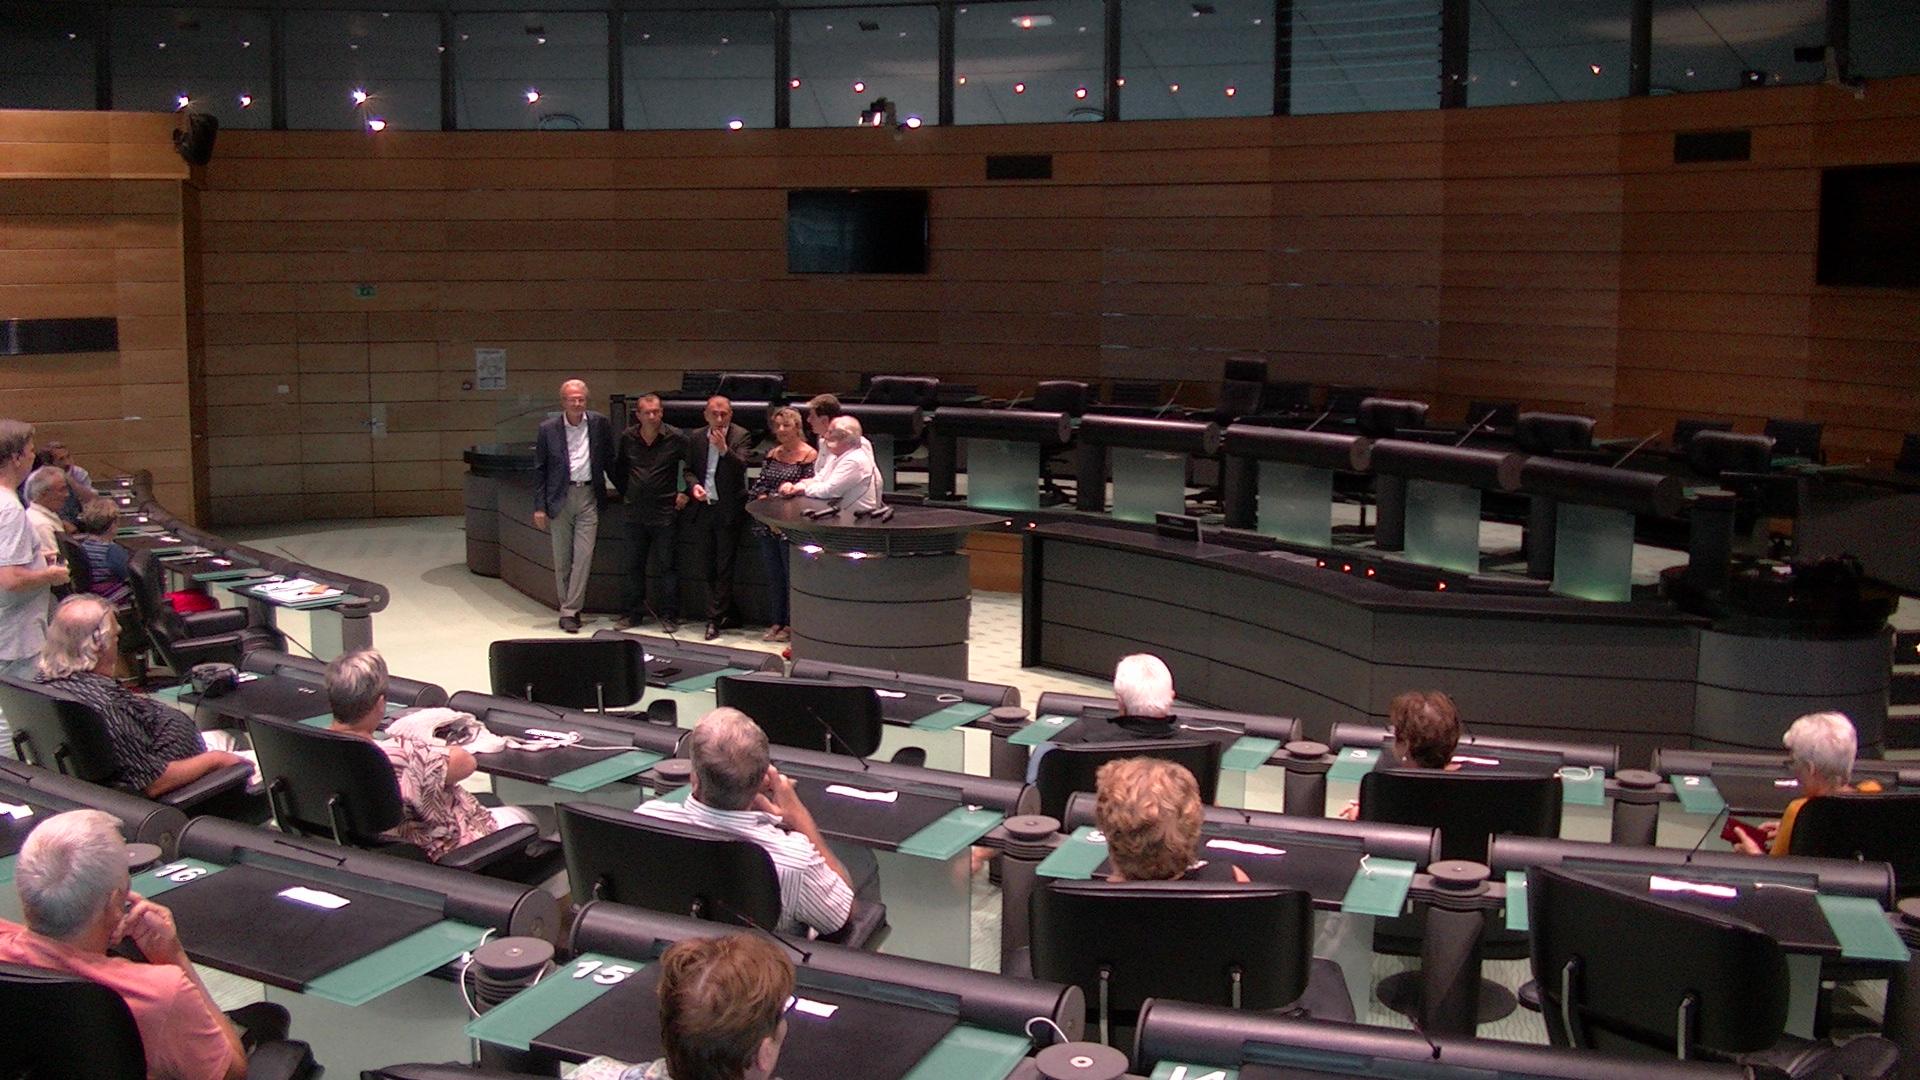 Les élus alsaciens ont été reçus dans les locaux de la CdC à Bastia par Jean-Christophe Angelini, président de l'ADEC